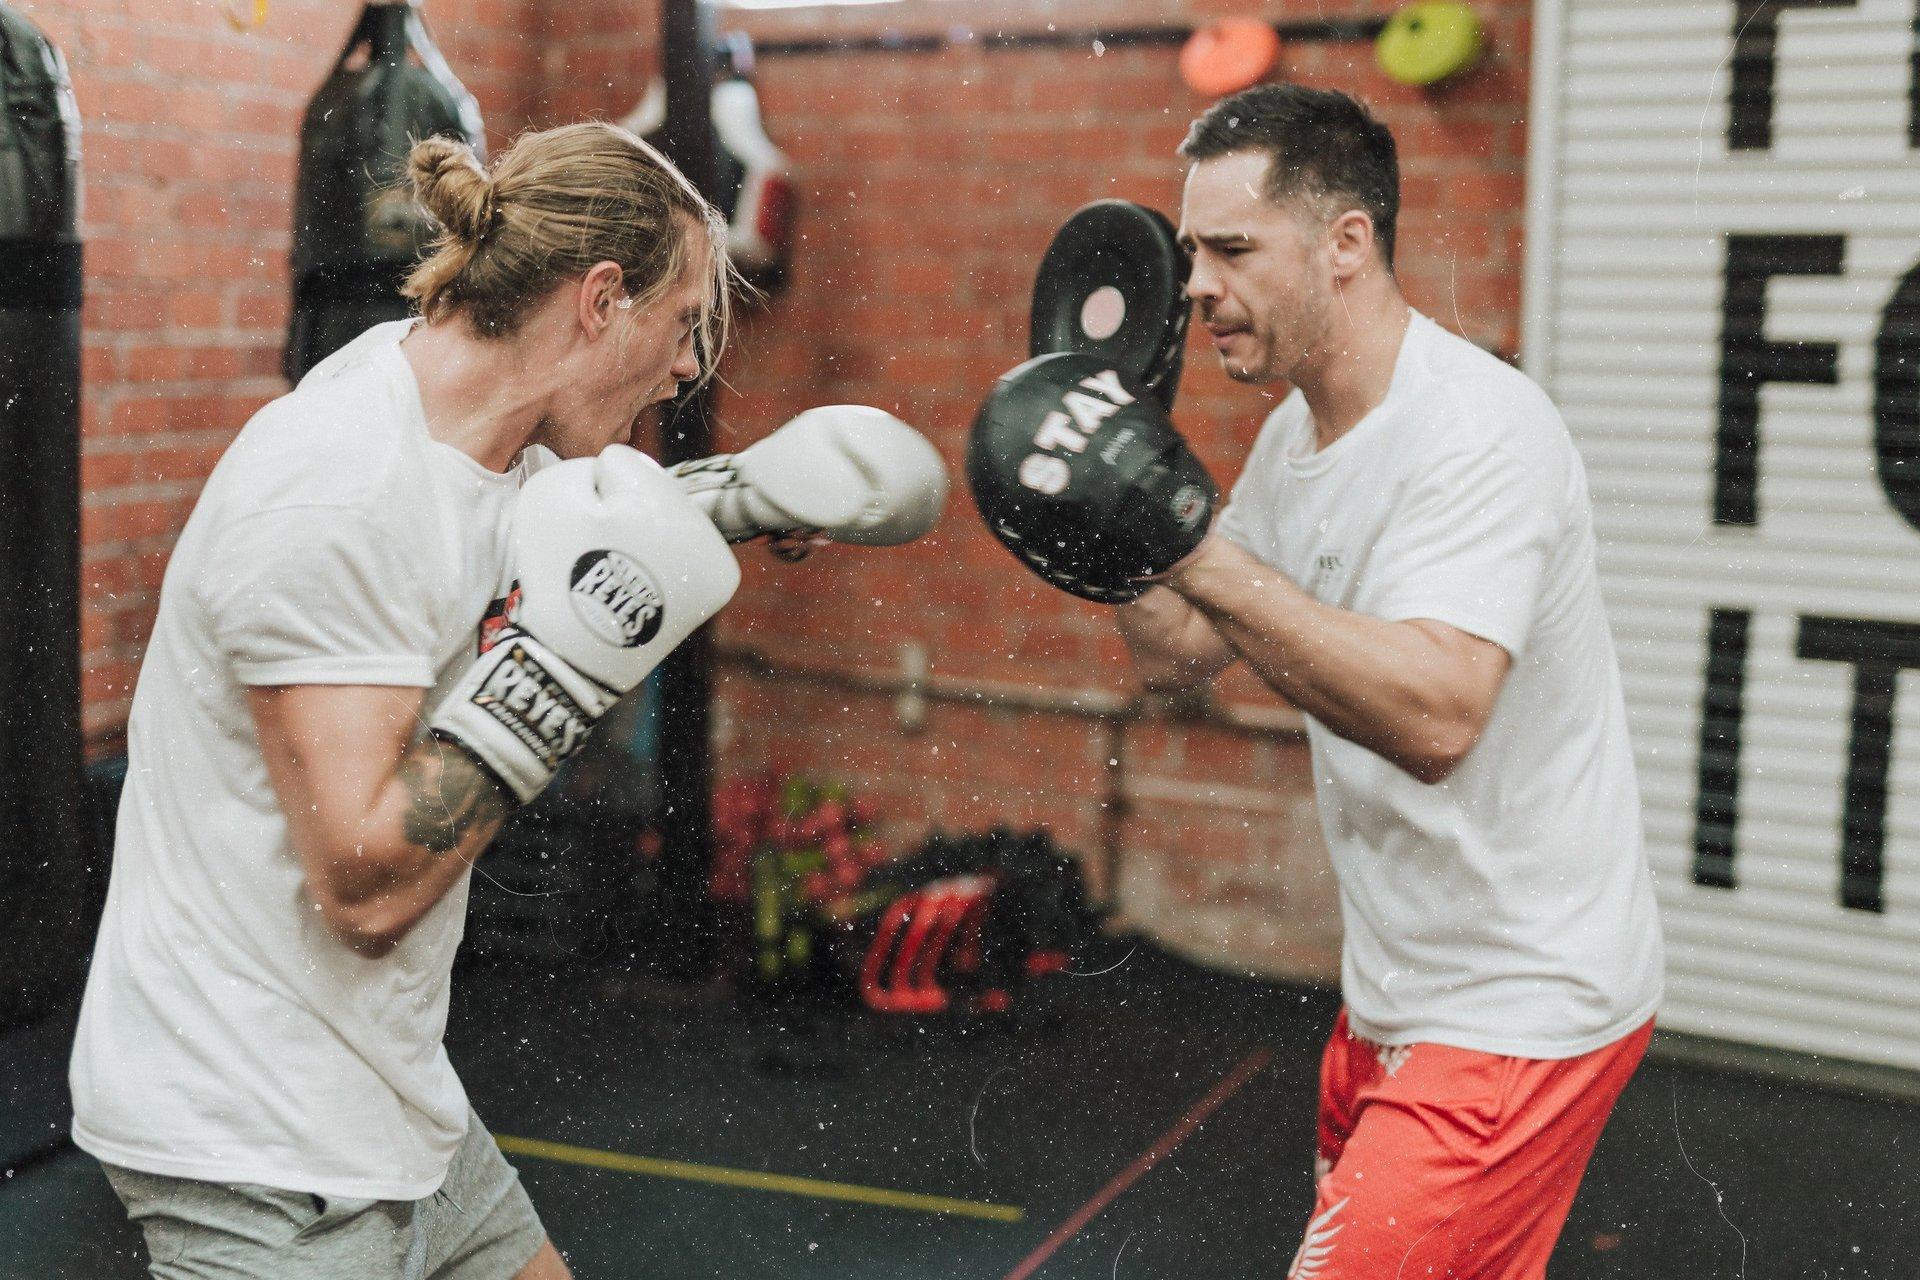 Op deze 6 manieren helpt boksen jou bij het verbeteren van je mentale gezondheid forecast